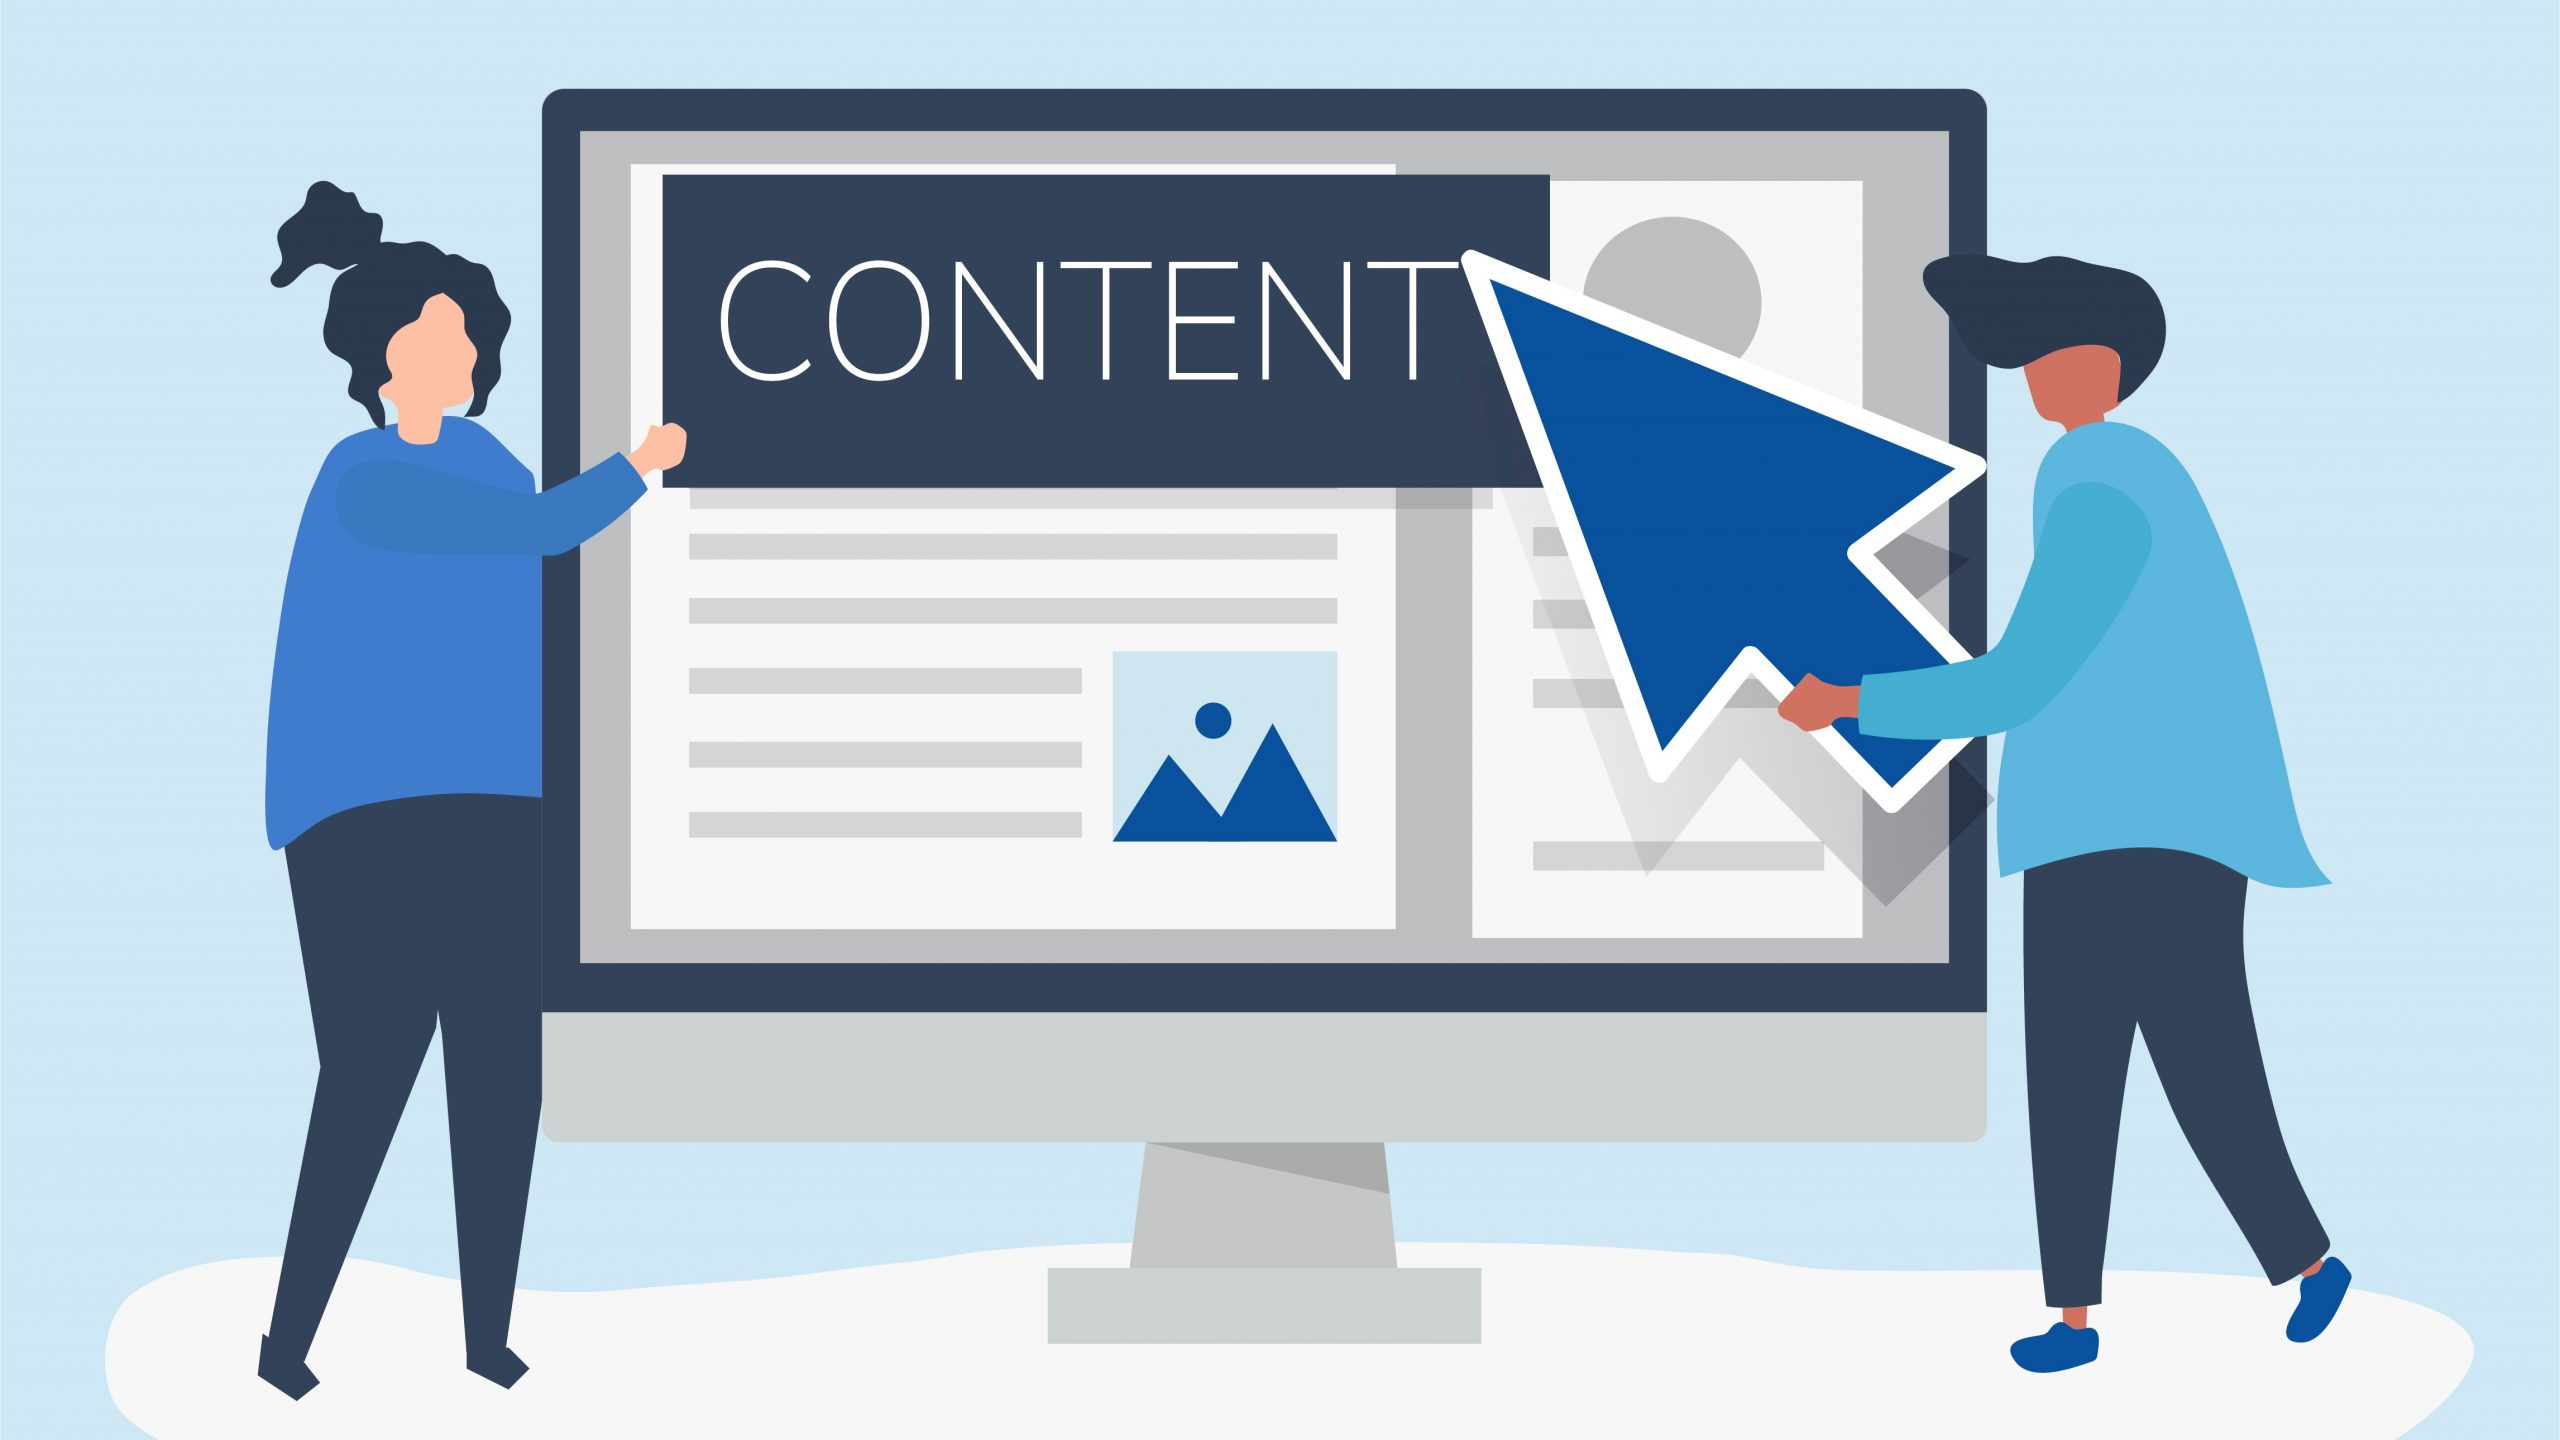 شاخصهای بازاریابی محتوا برای انتخاب دقیق موضوع محتوا تولیدی